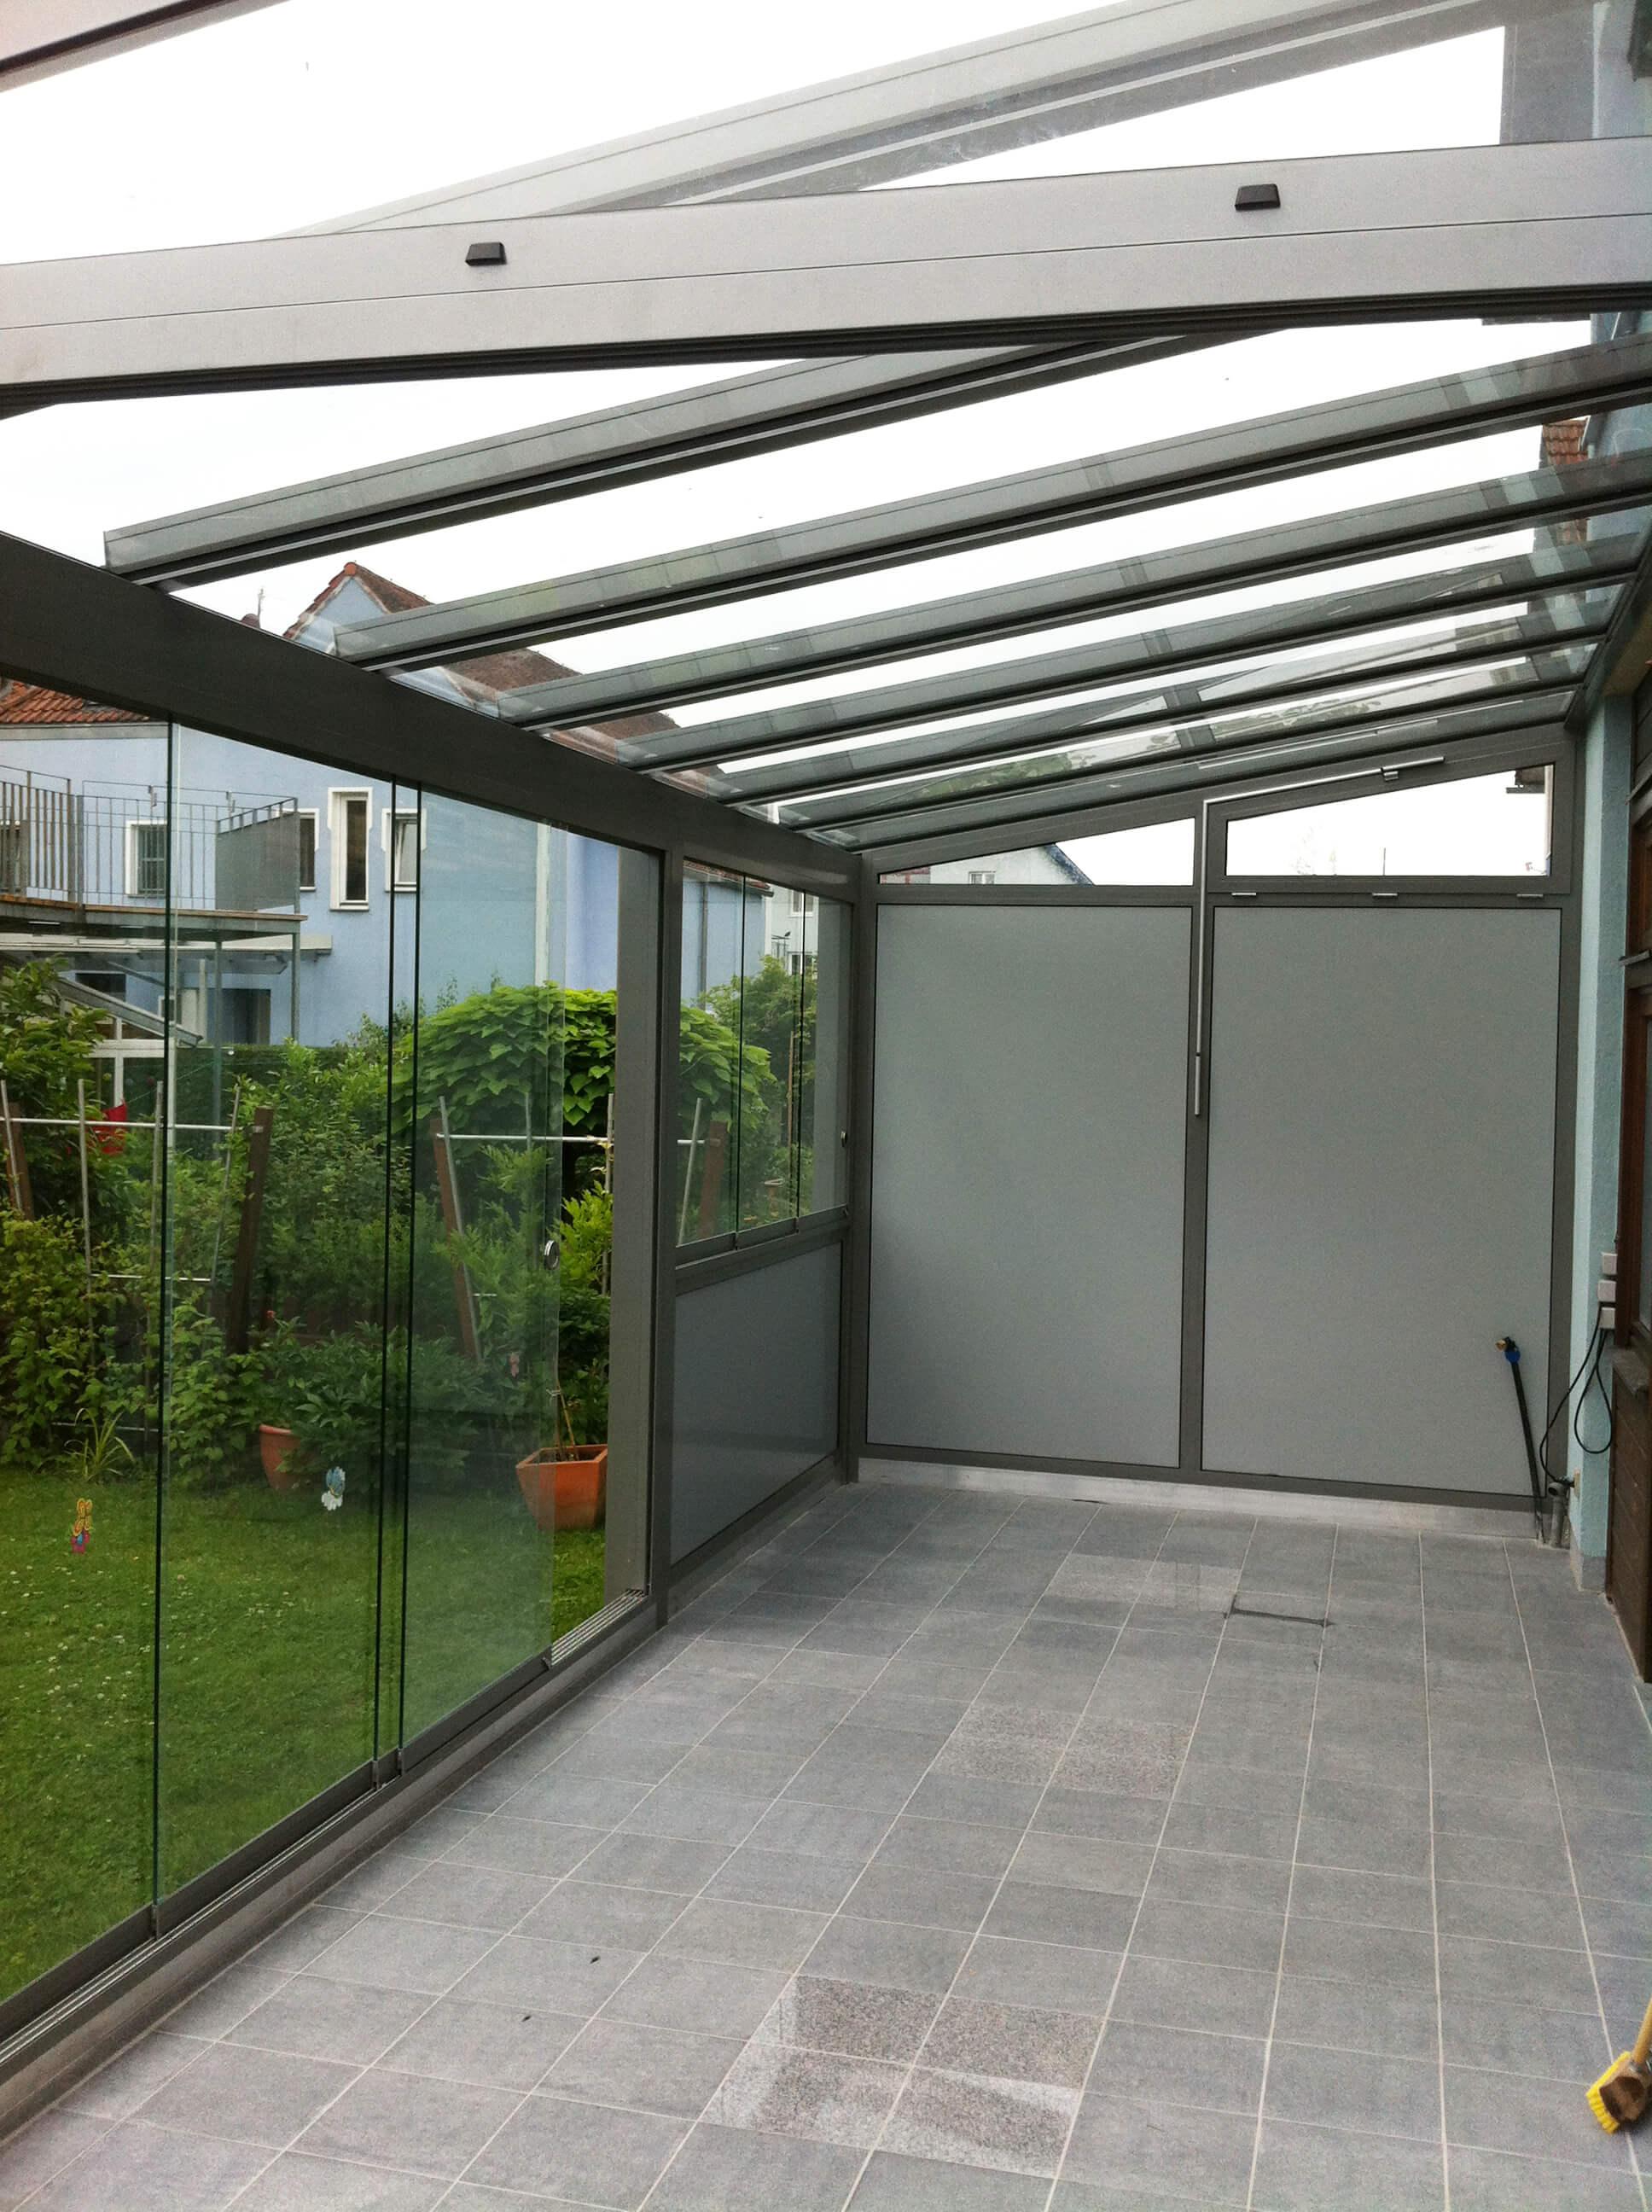 moderner wintergarten f r urigen altbau winterg rten f r bauernh fe. Black Bedroom Furniture Sets. Home Design Ideas